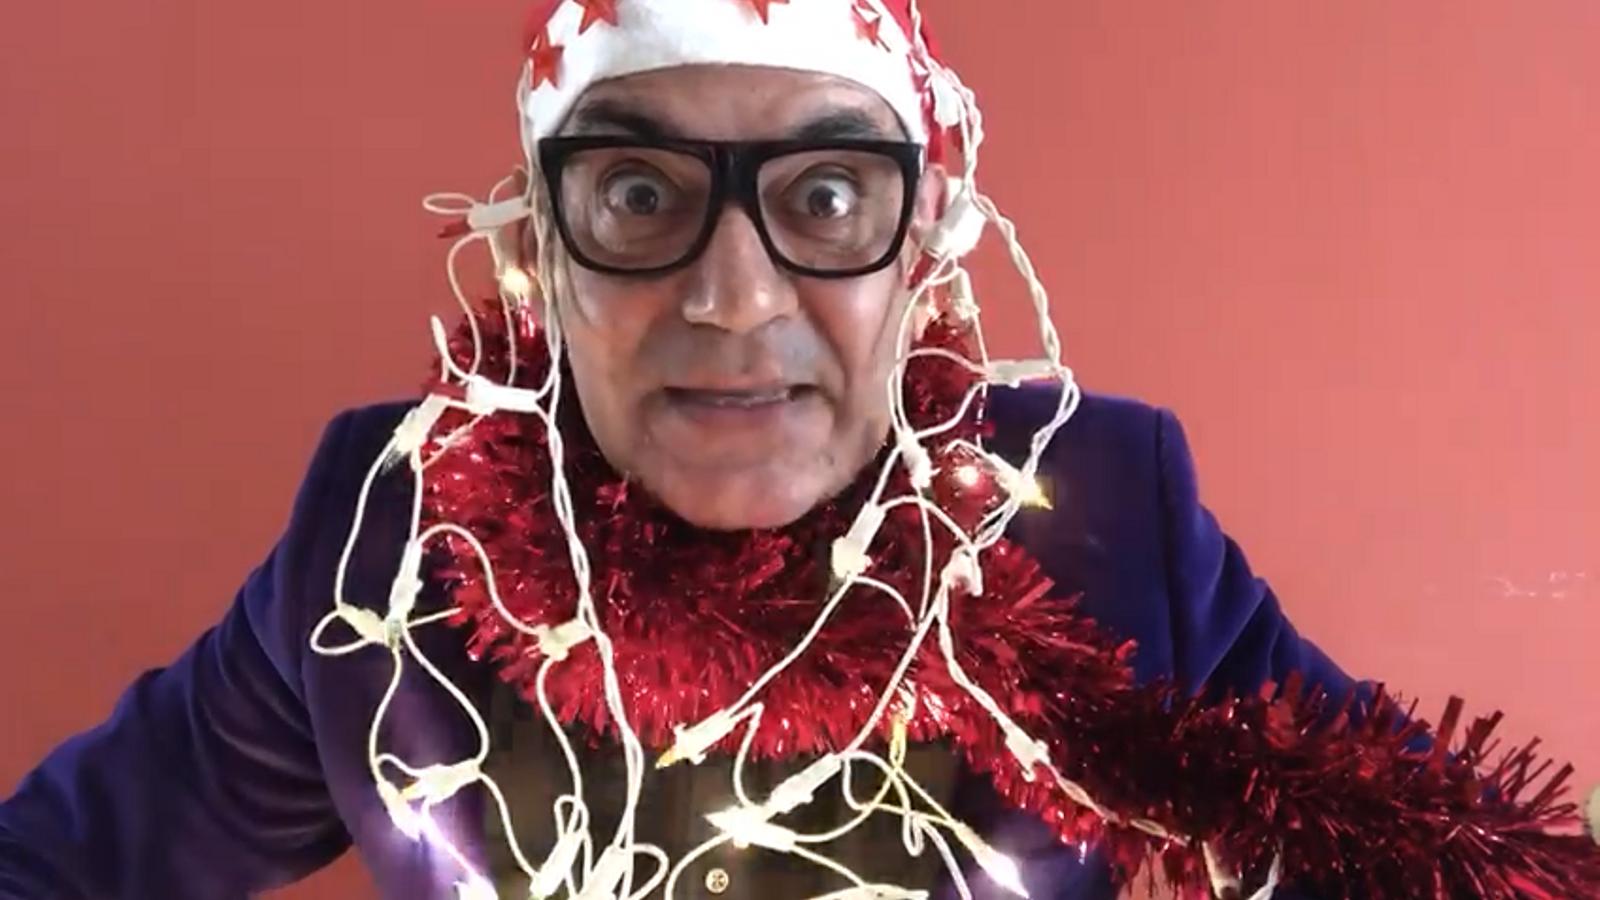 Video promocional presentant l'encesa de llums de Nadal a l'Illa Carlemany, per Jose Corbacho.